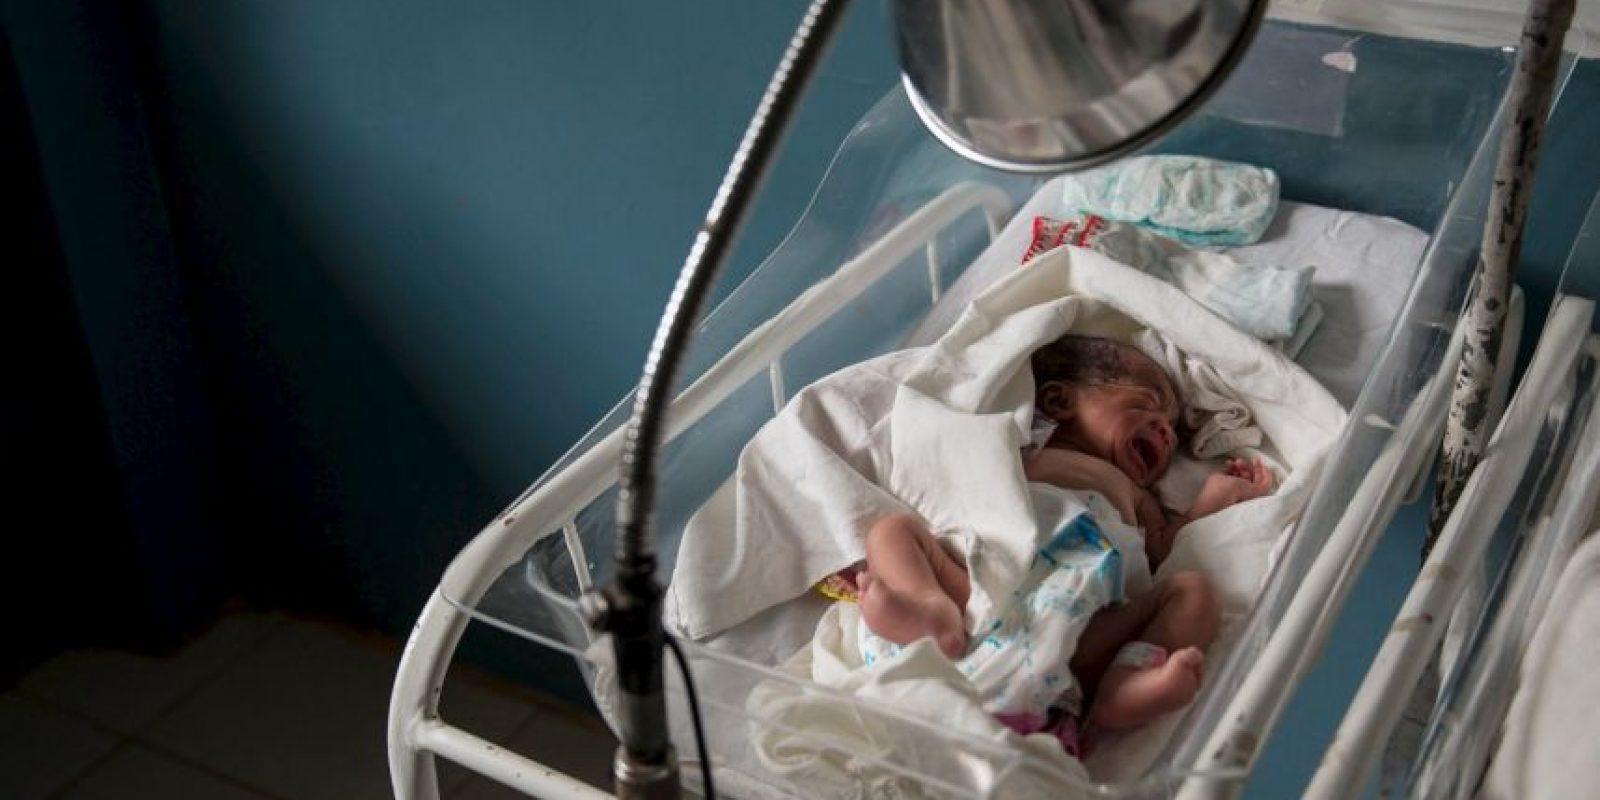 Las infecciones graves son más frecuentes en los bebés prematuros, ya que su sistema inmune no se ha terminado de desarrollar. Foto:Getty Images